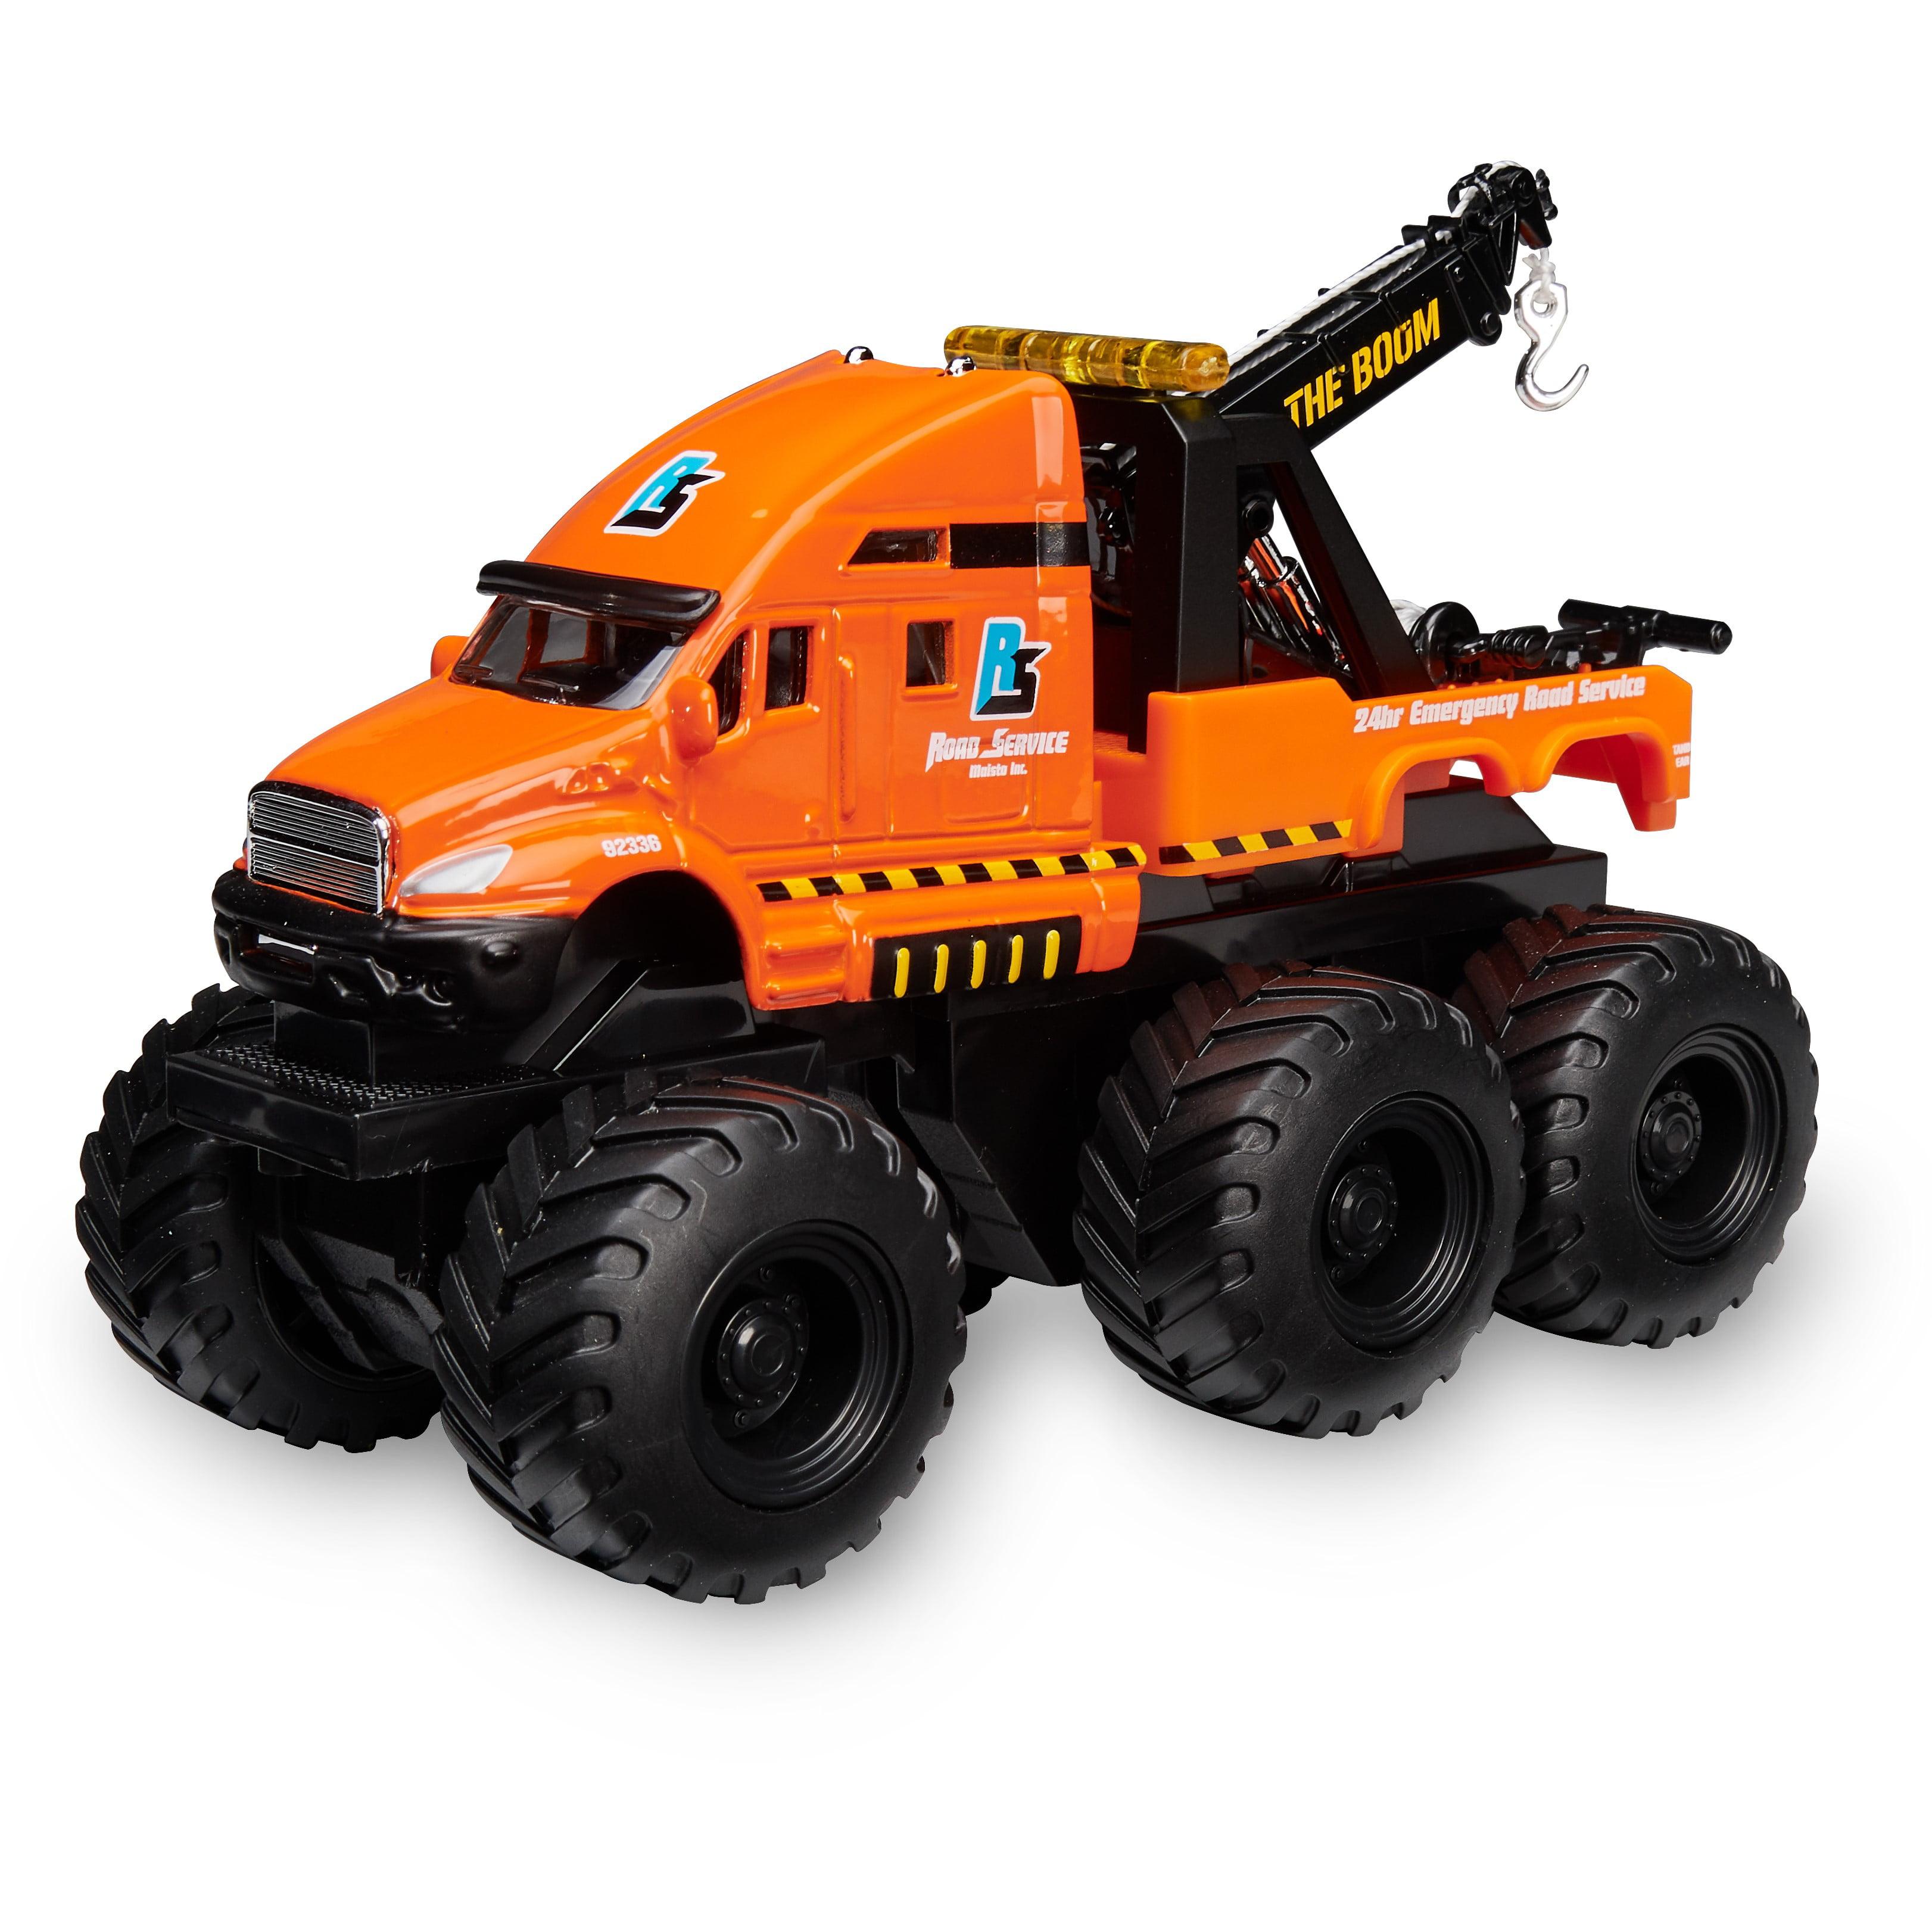 Adventure force large die-cast 6x6 construction vehicle